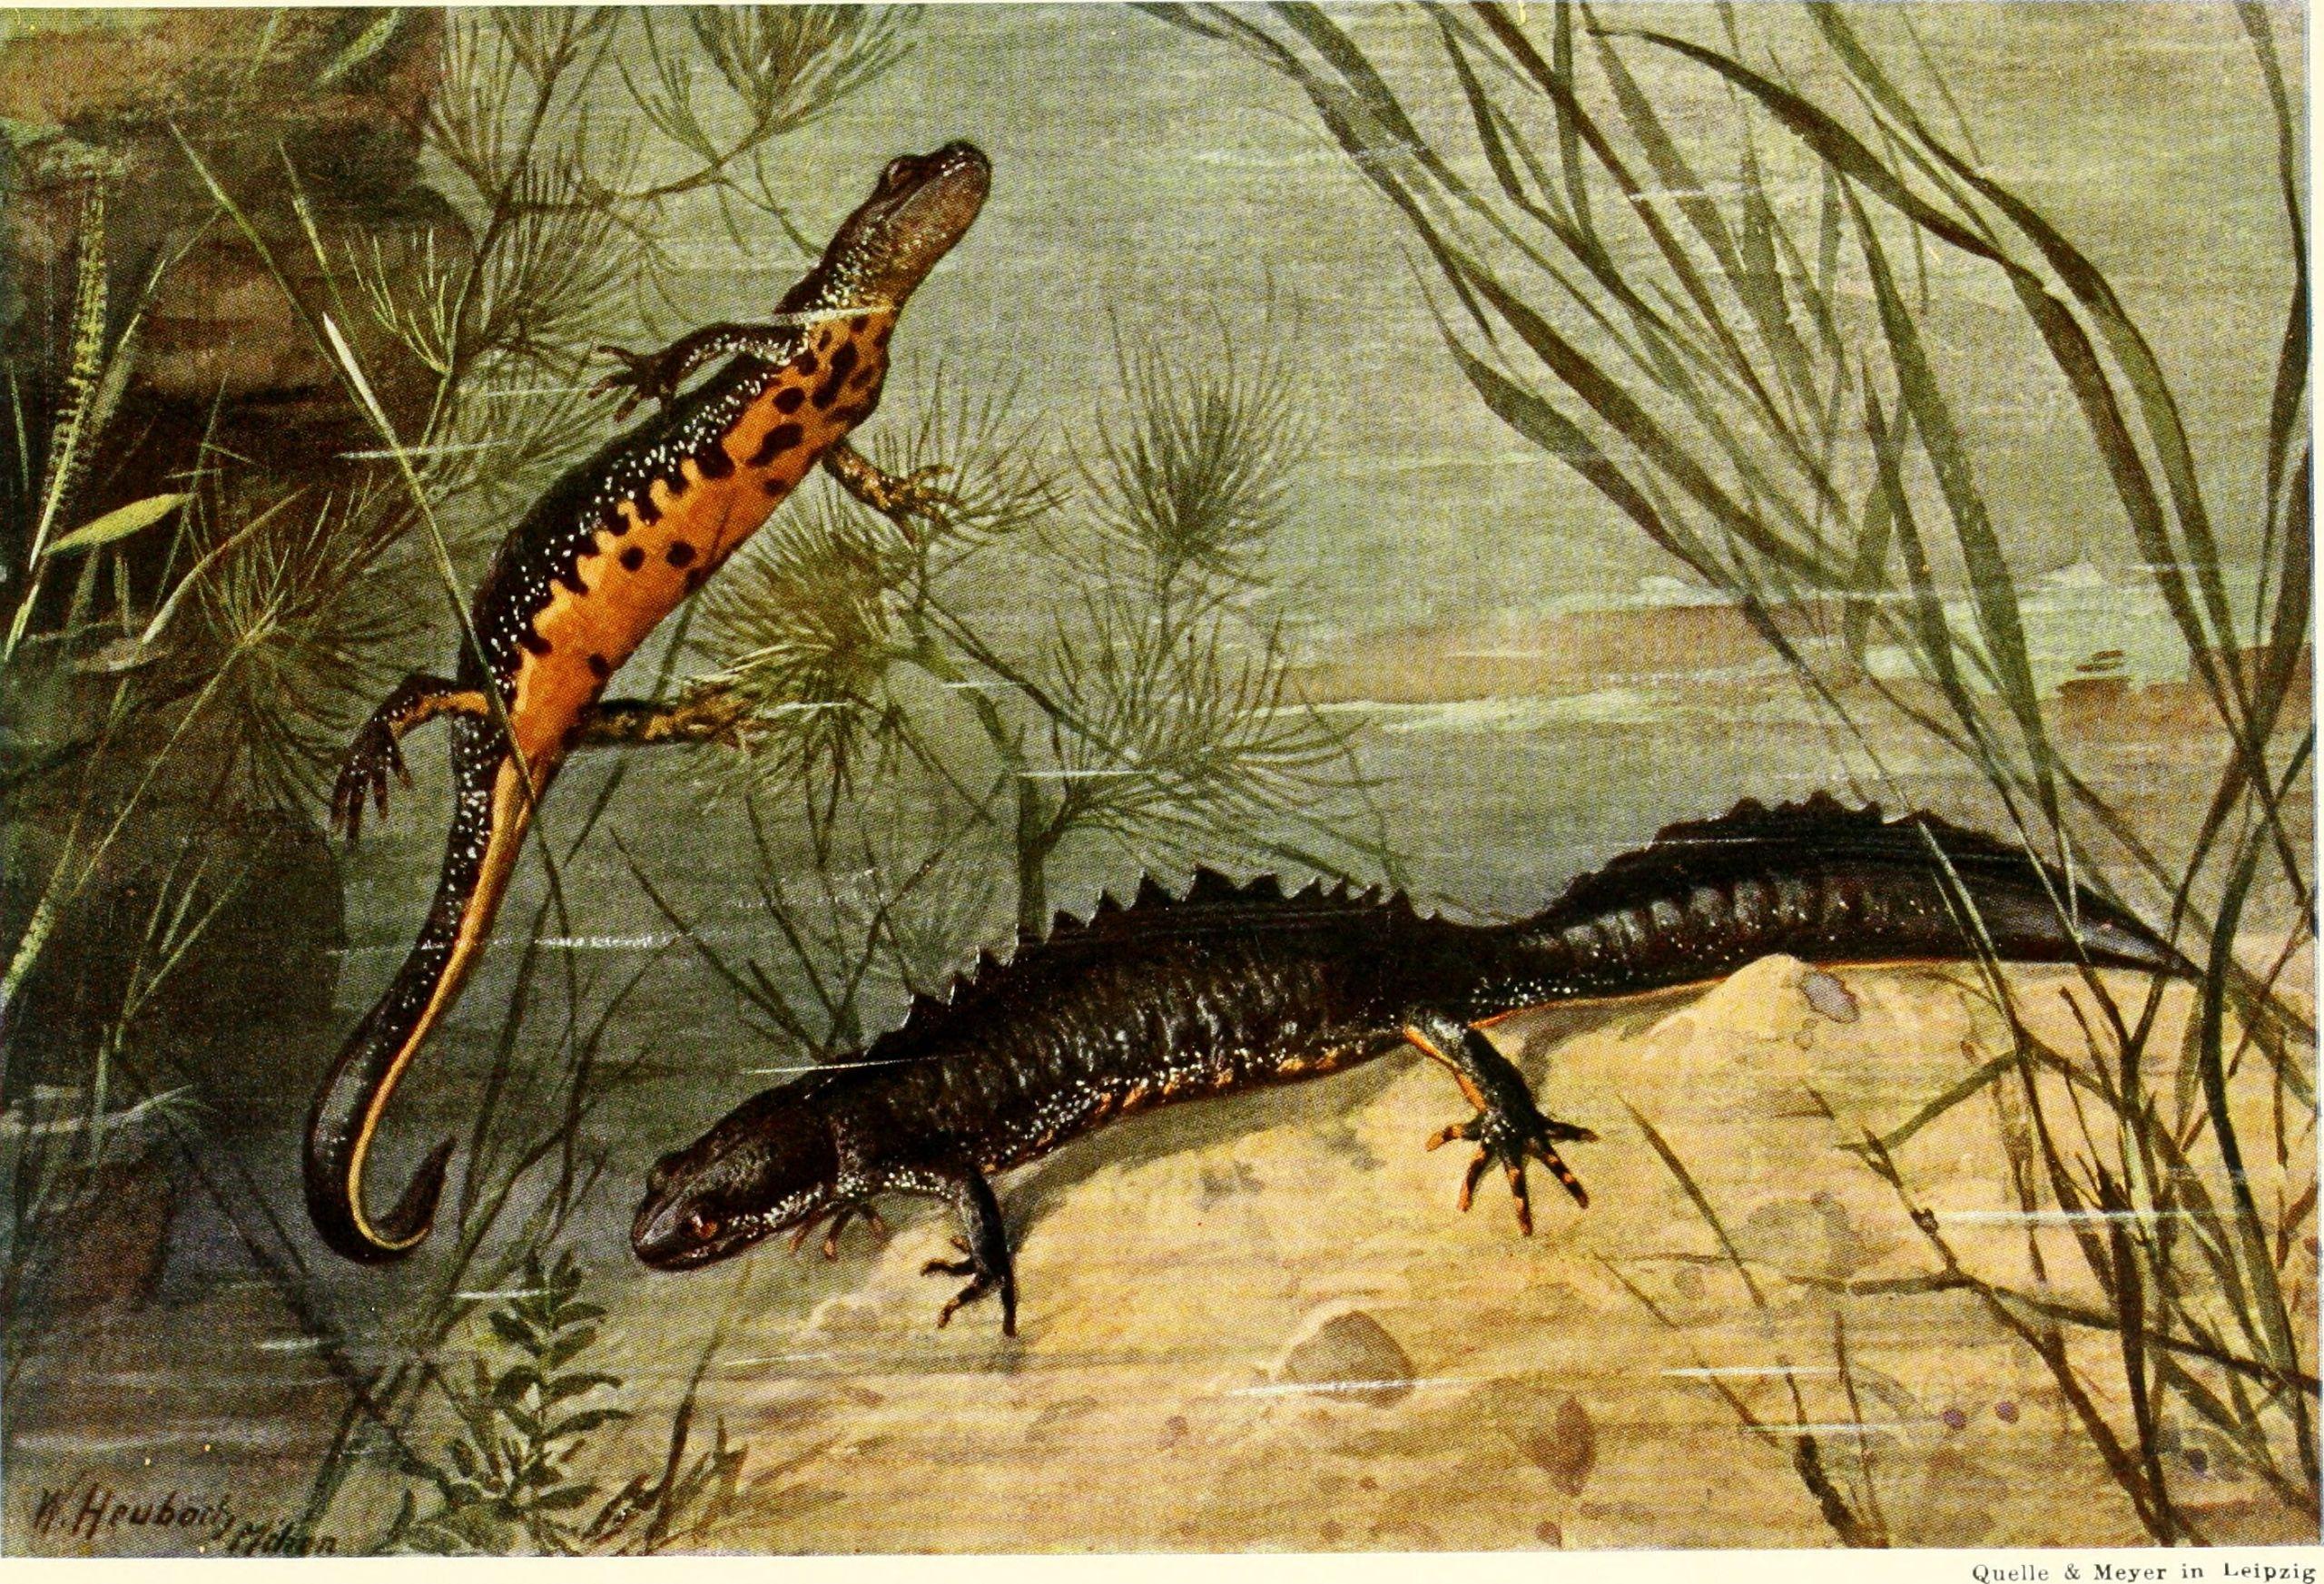 https://commons.wikimedia.org/wiki/File:Die_Reptilien_und_Amphibien_mitteleuropas_(1912)_(20942539445).jpg